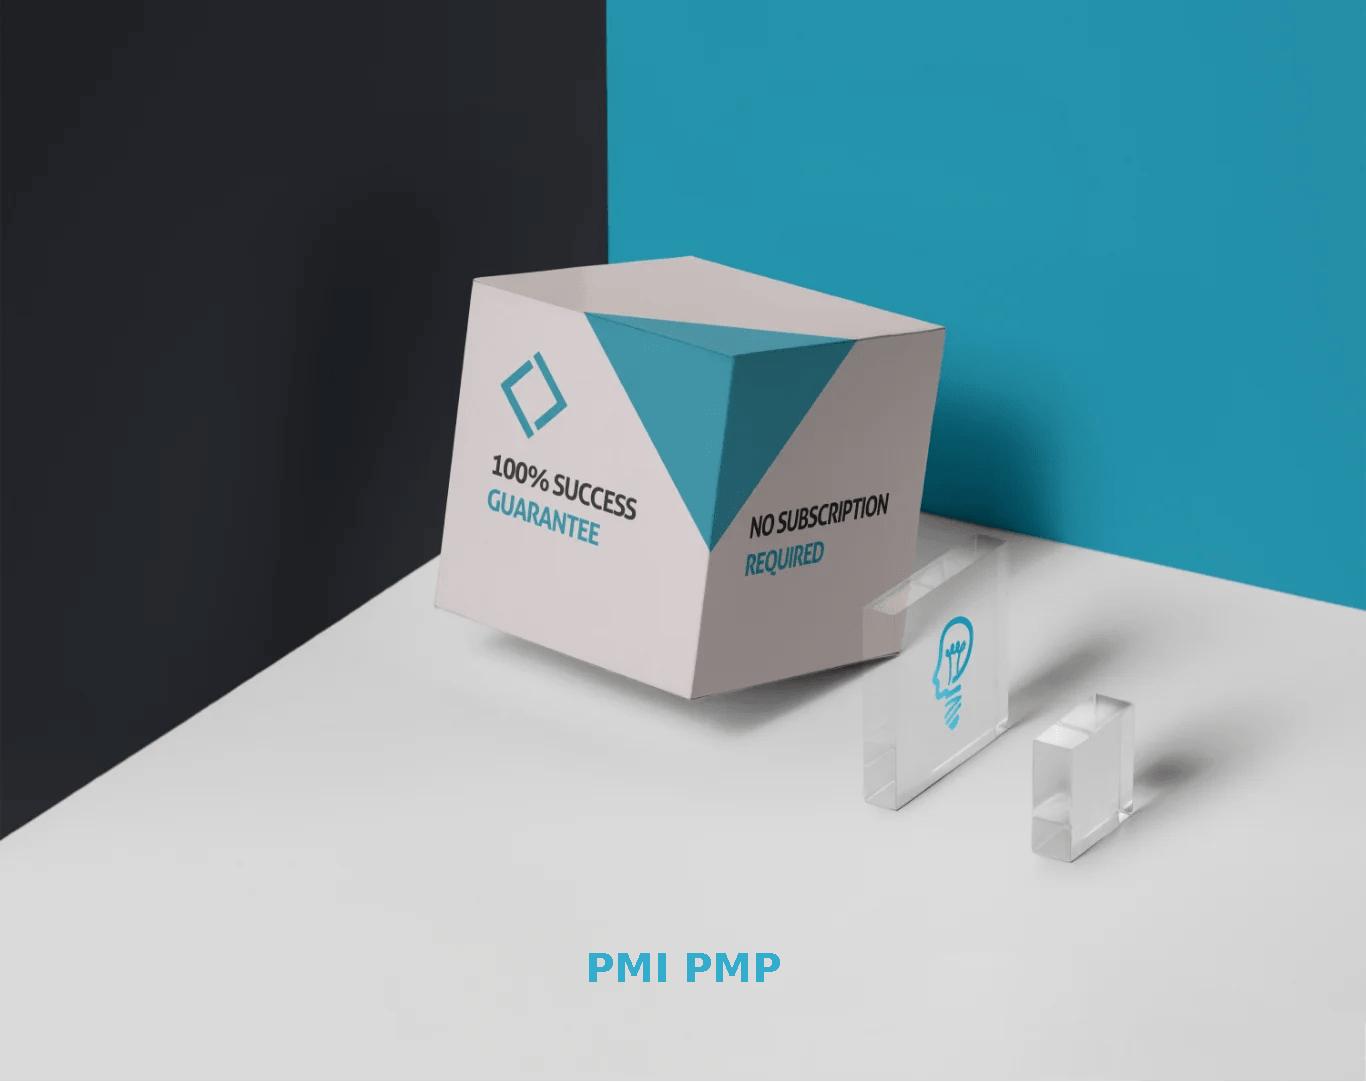 PMI PMP Exams